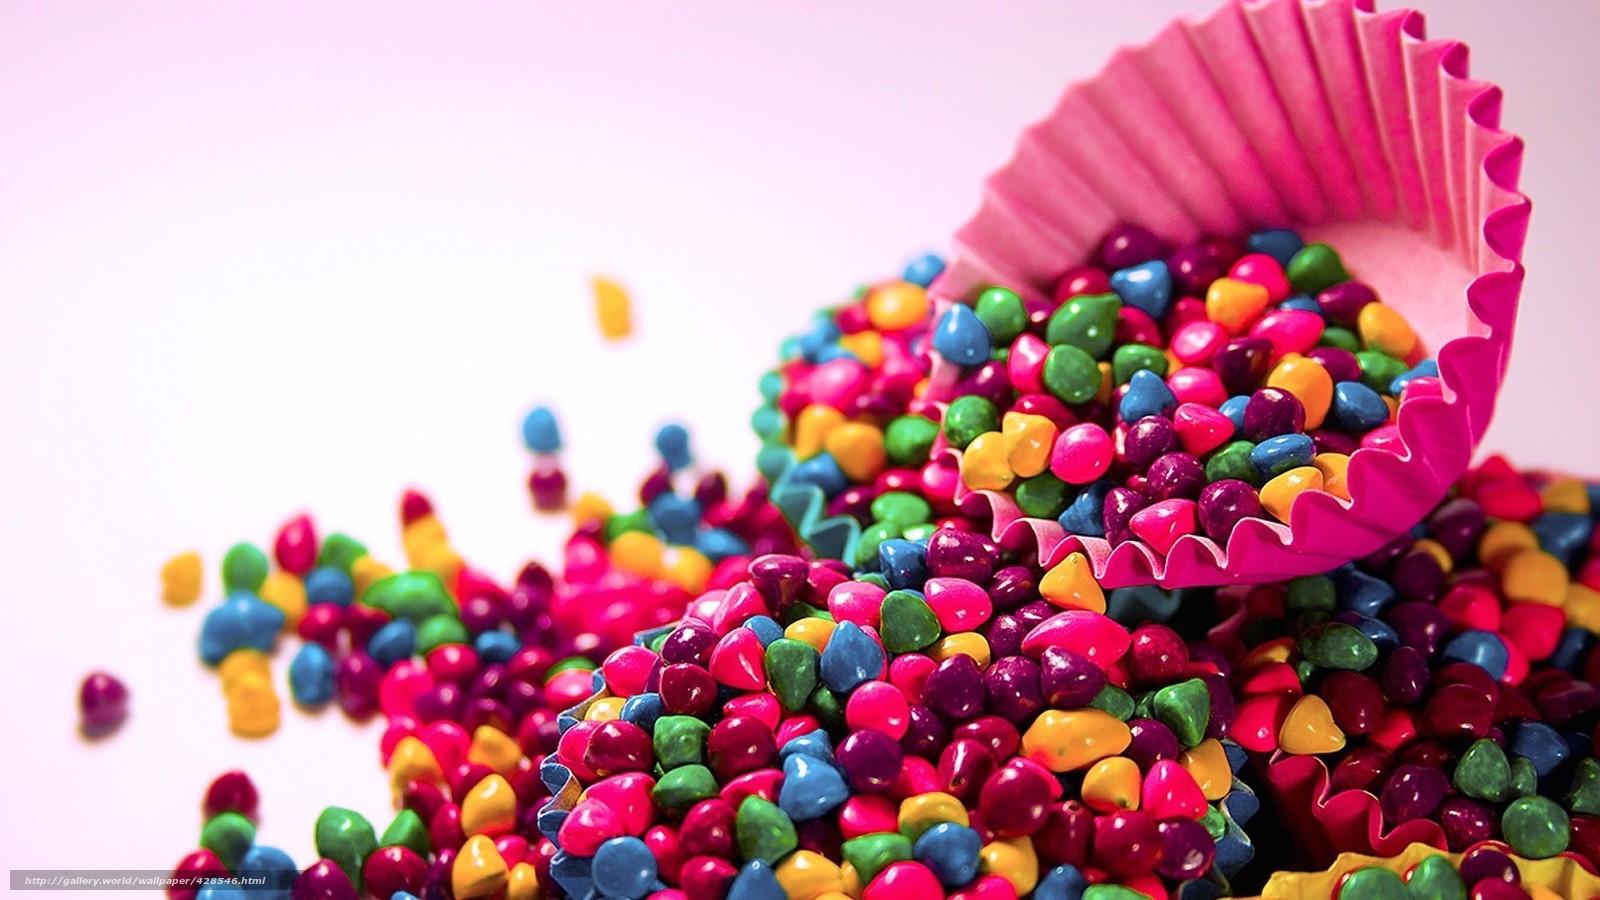 Скачать обои настроения,  конфеты,  конфетки,  цветные бесплатно для рабочего стола в разрешении 1920x1080 — картинка №428546